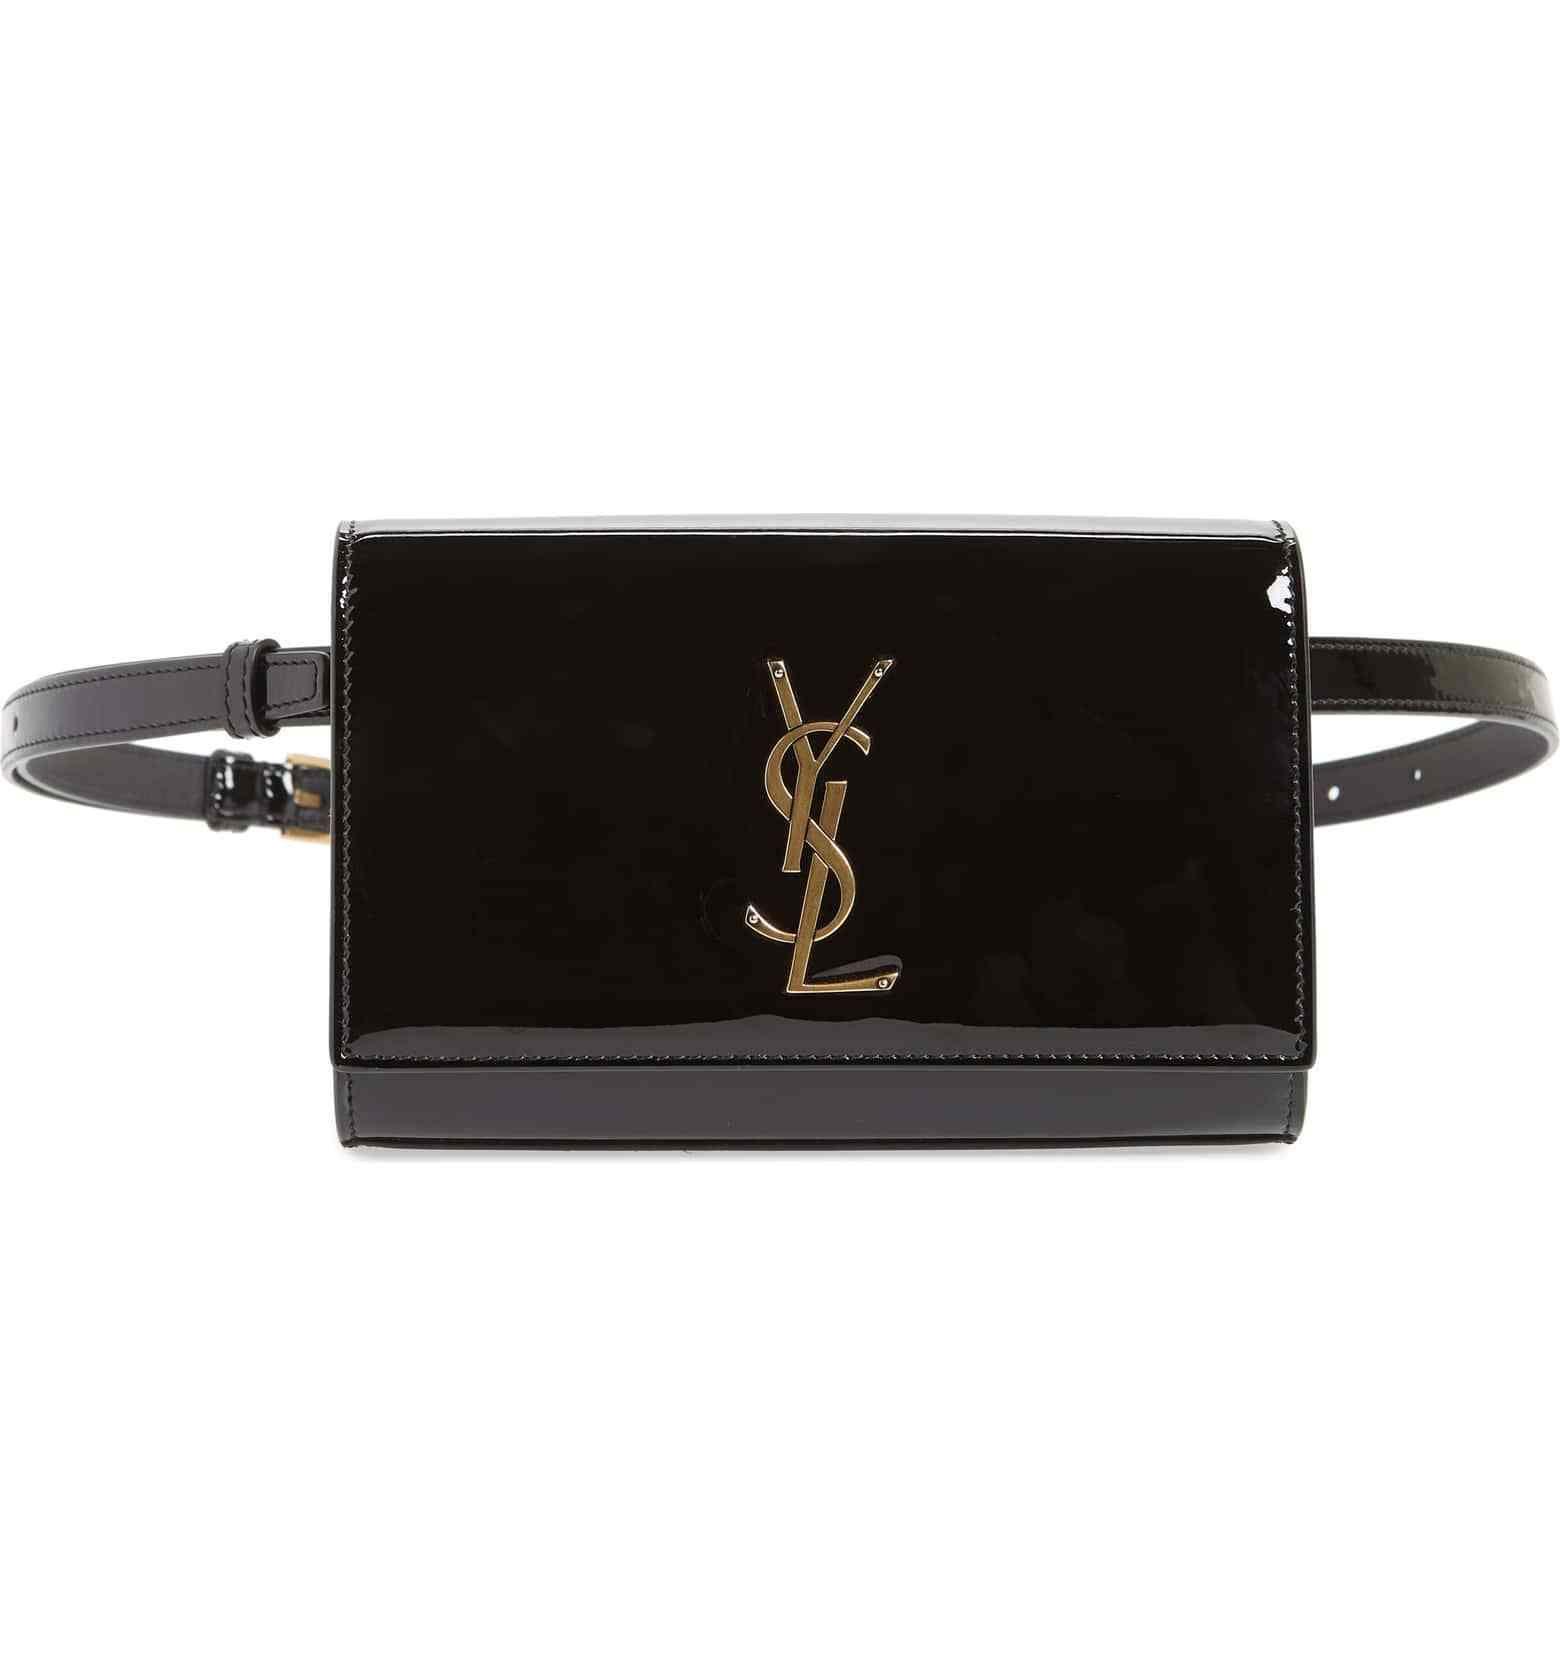 8f5d16f58bef Saint Laurent Belt Bag Kate Patent #saintlaurent #beltbag #fannypack  #designer #bag #ysl #shop #styleinspiration #shopping